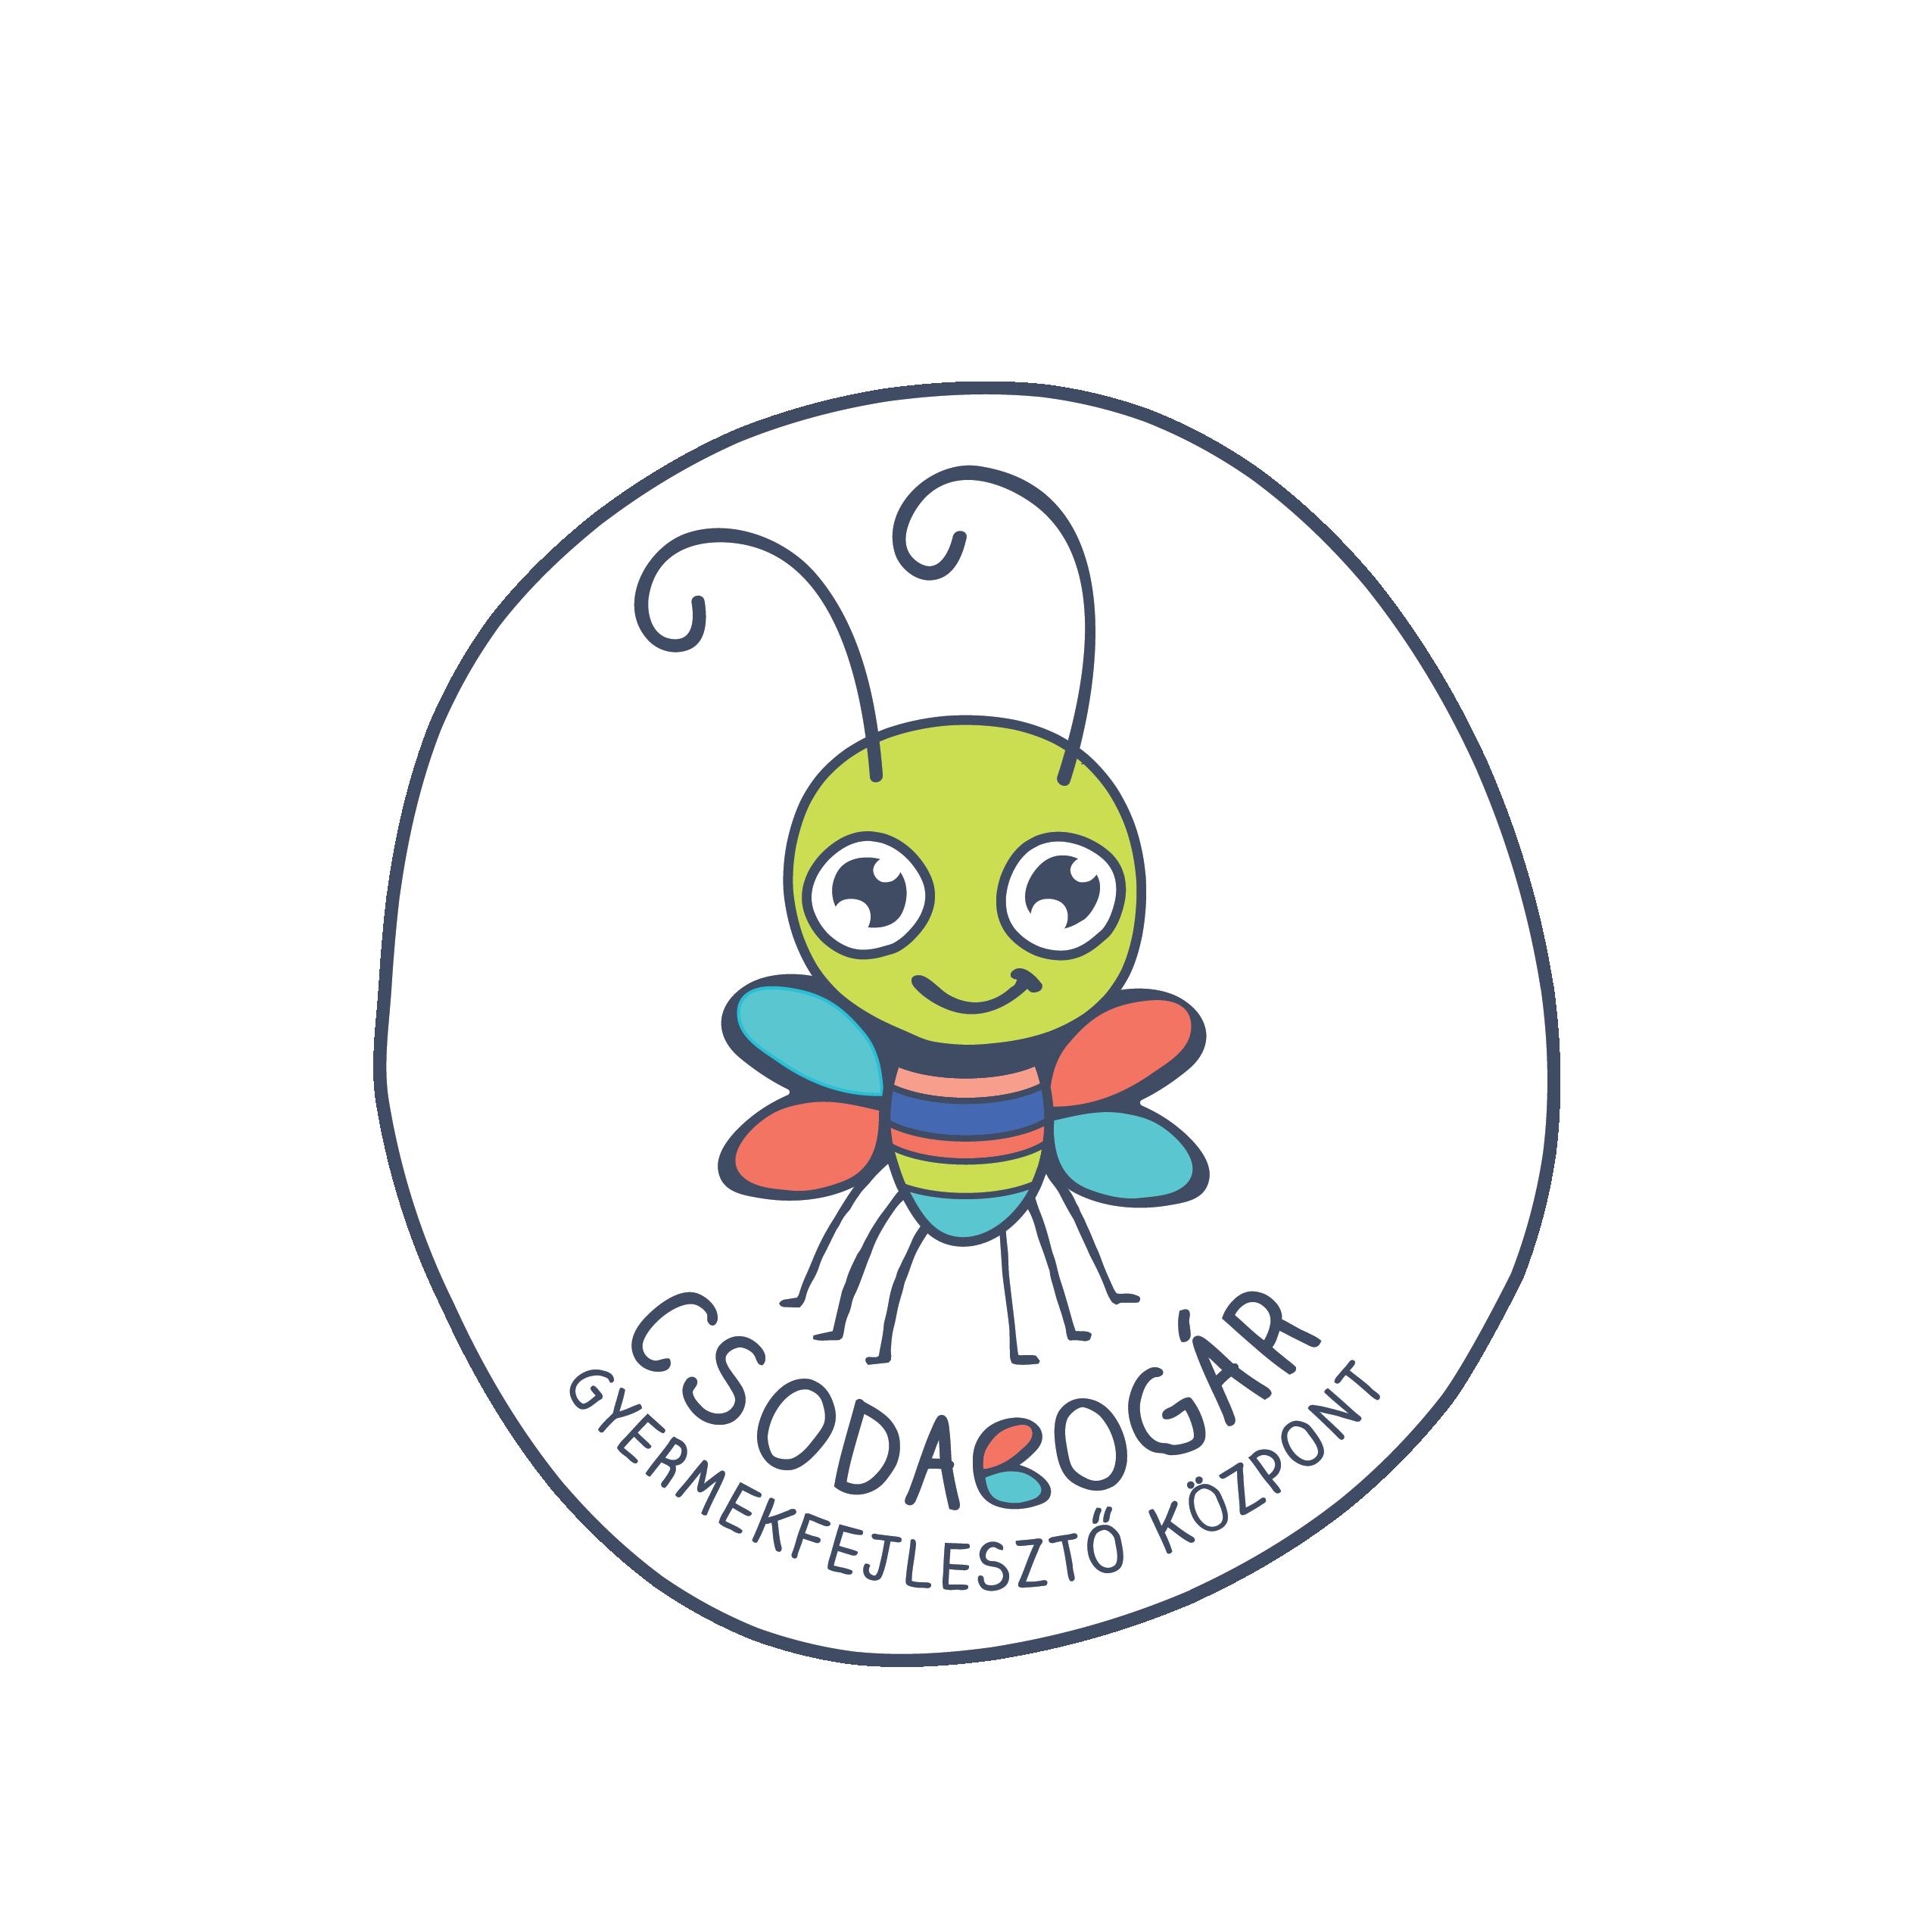 Csodabogár Gyermekfejlesztő Központ - Logo